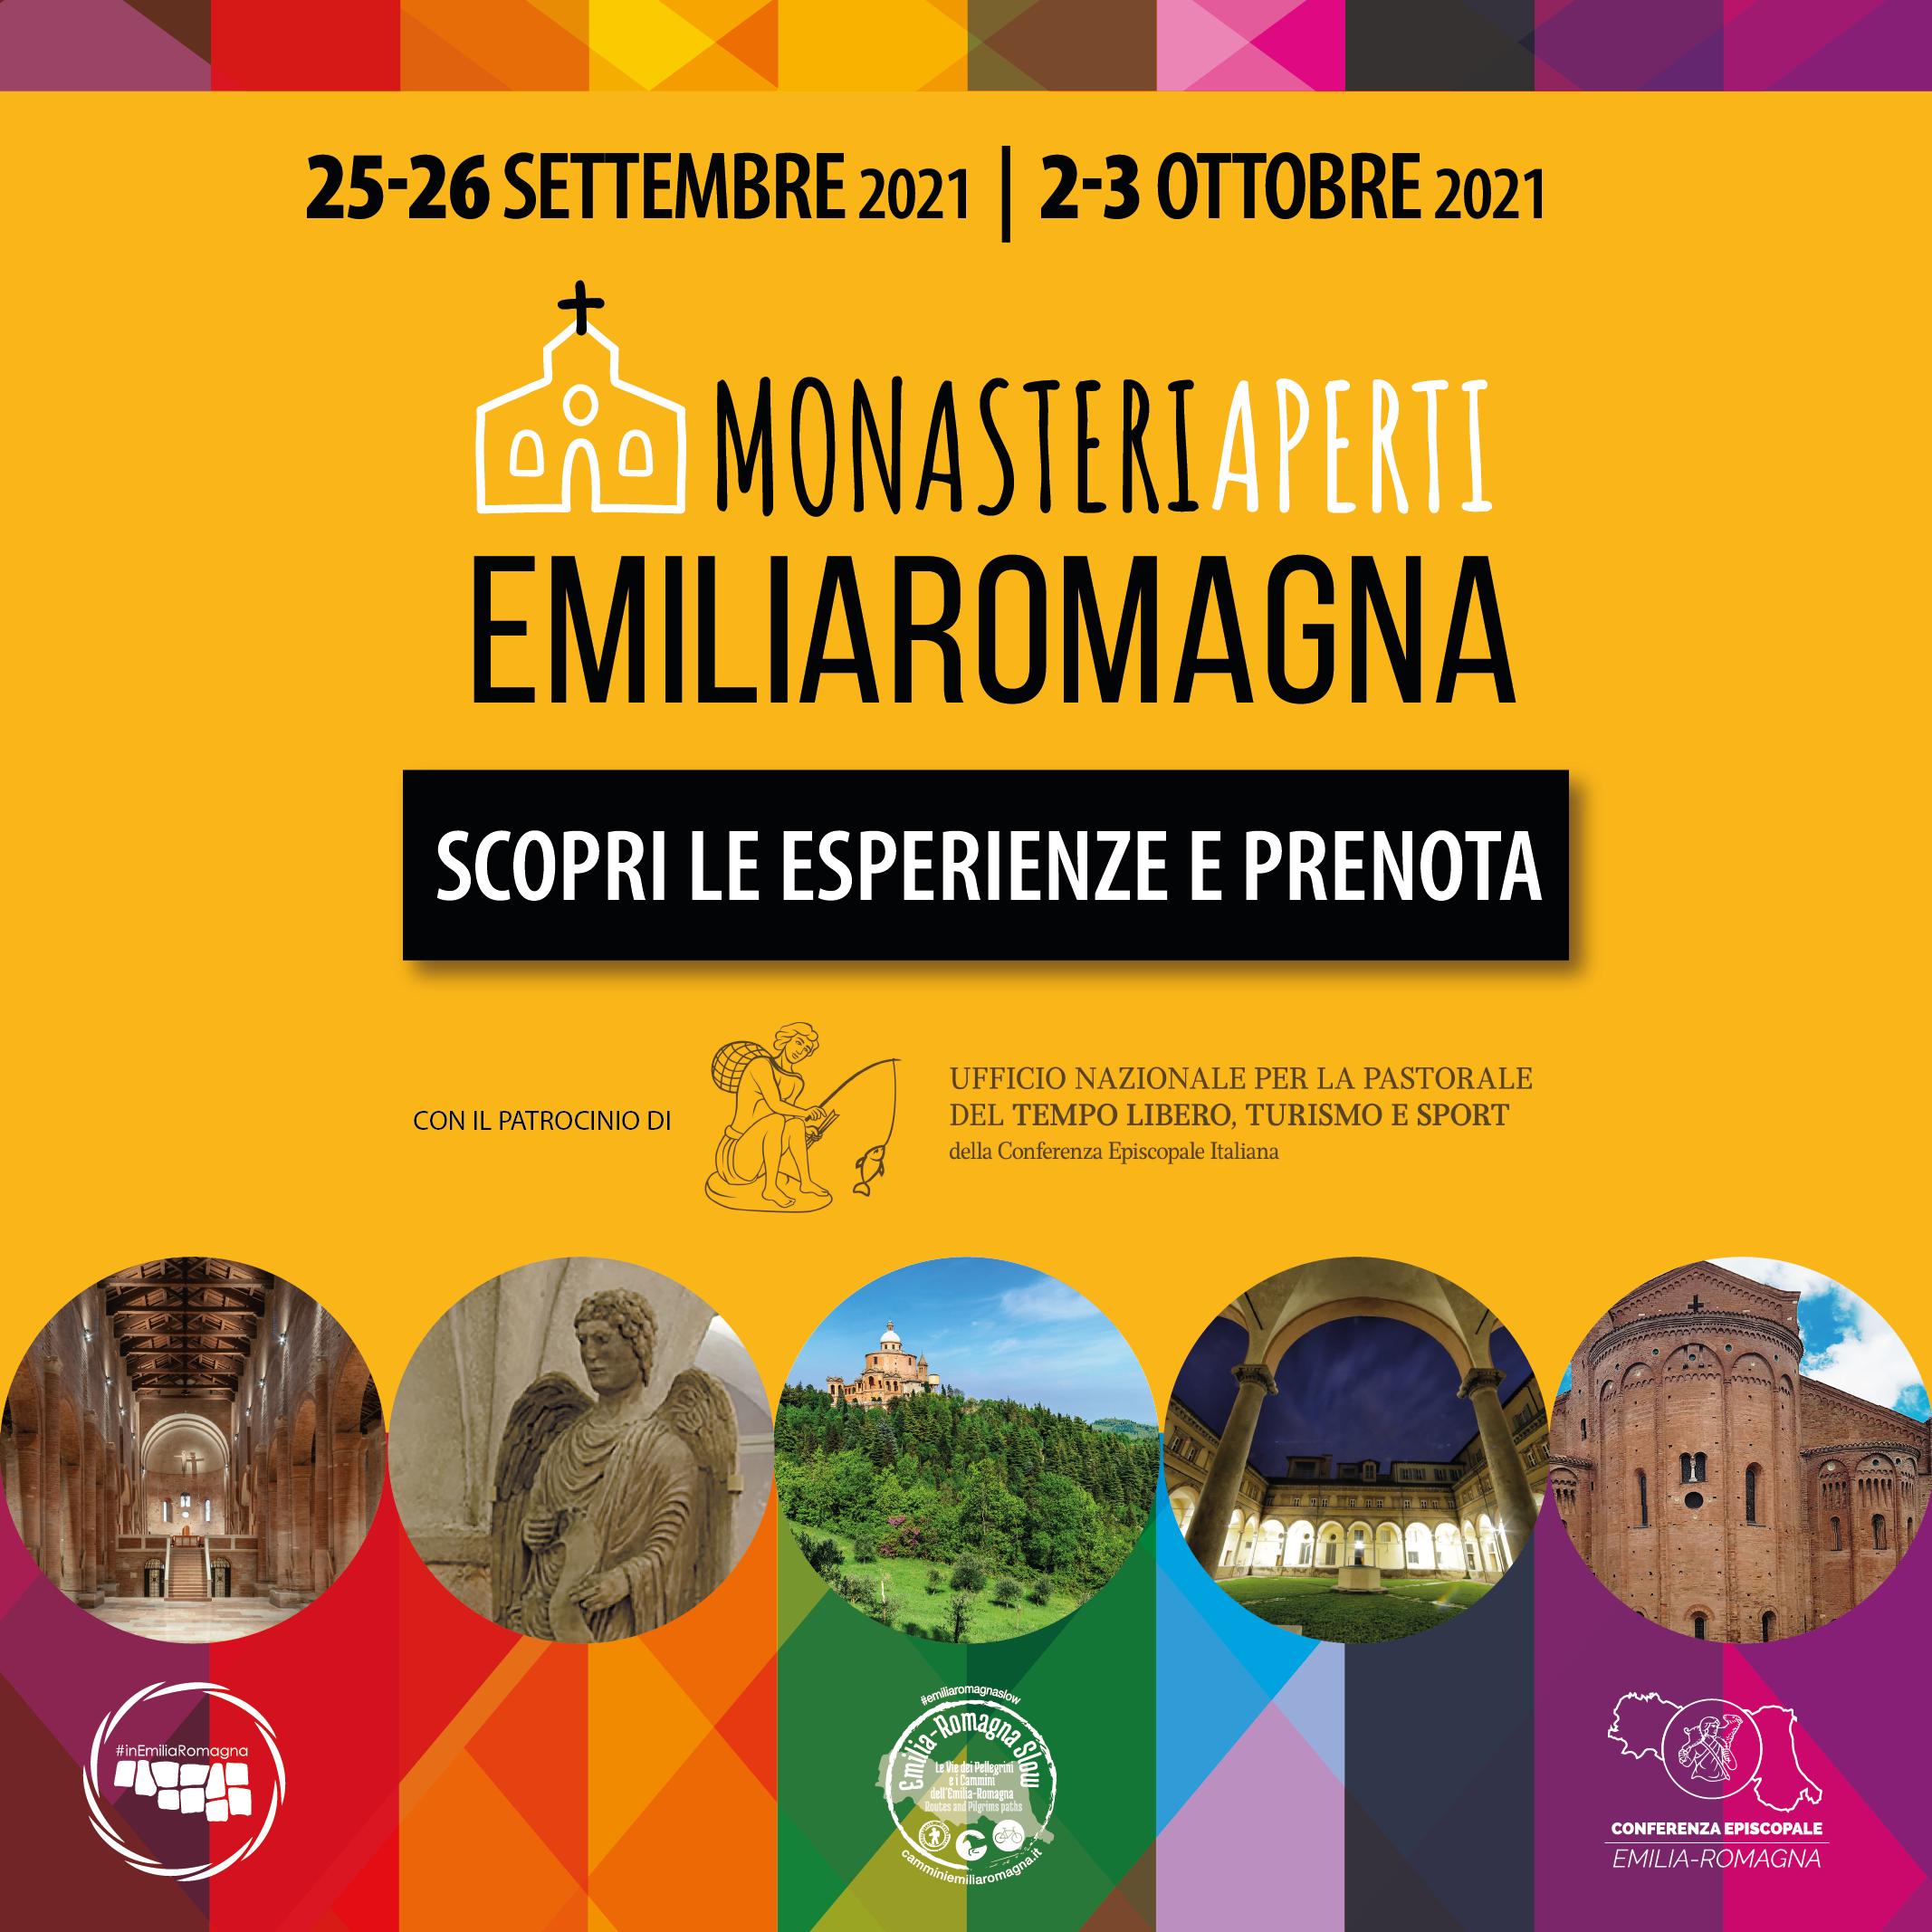 Monasteri Aperti Emilia Romagna Autunno 2021